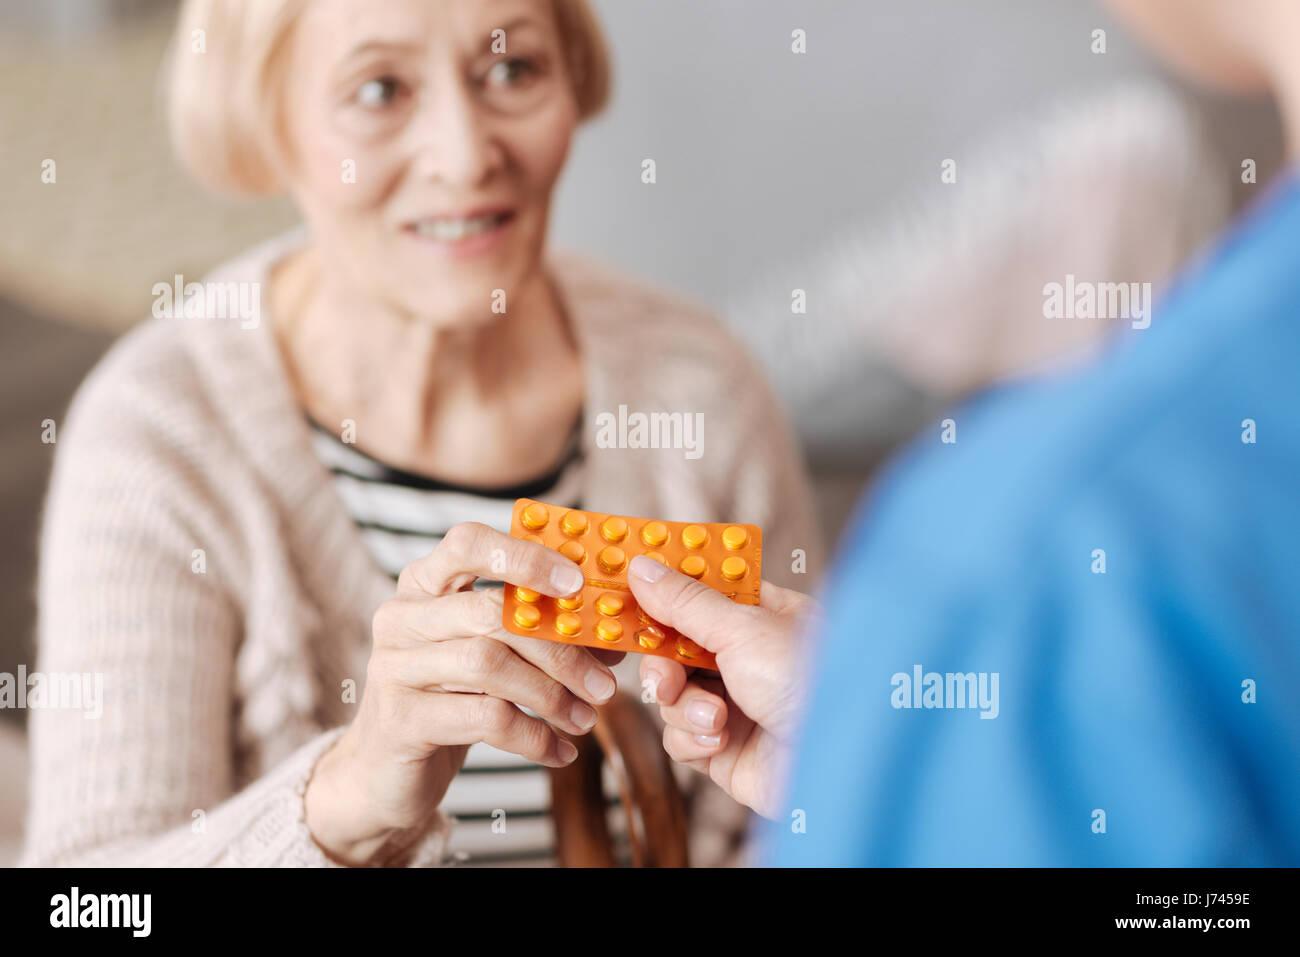 Niedliche optimistische Frau empfangen einige Vitamine Stockbild